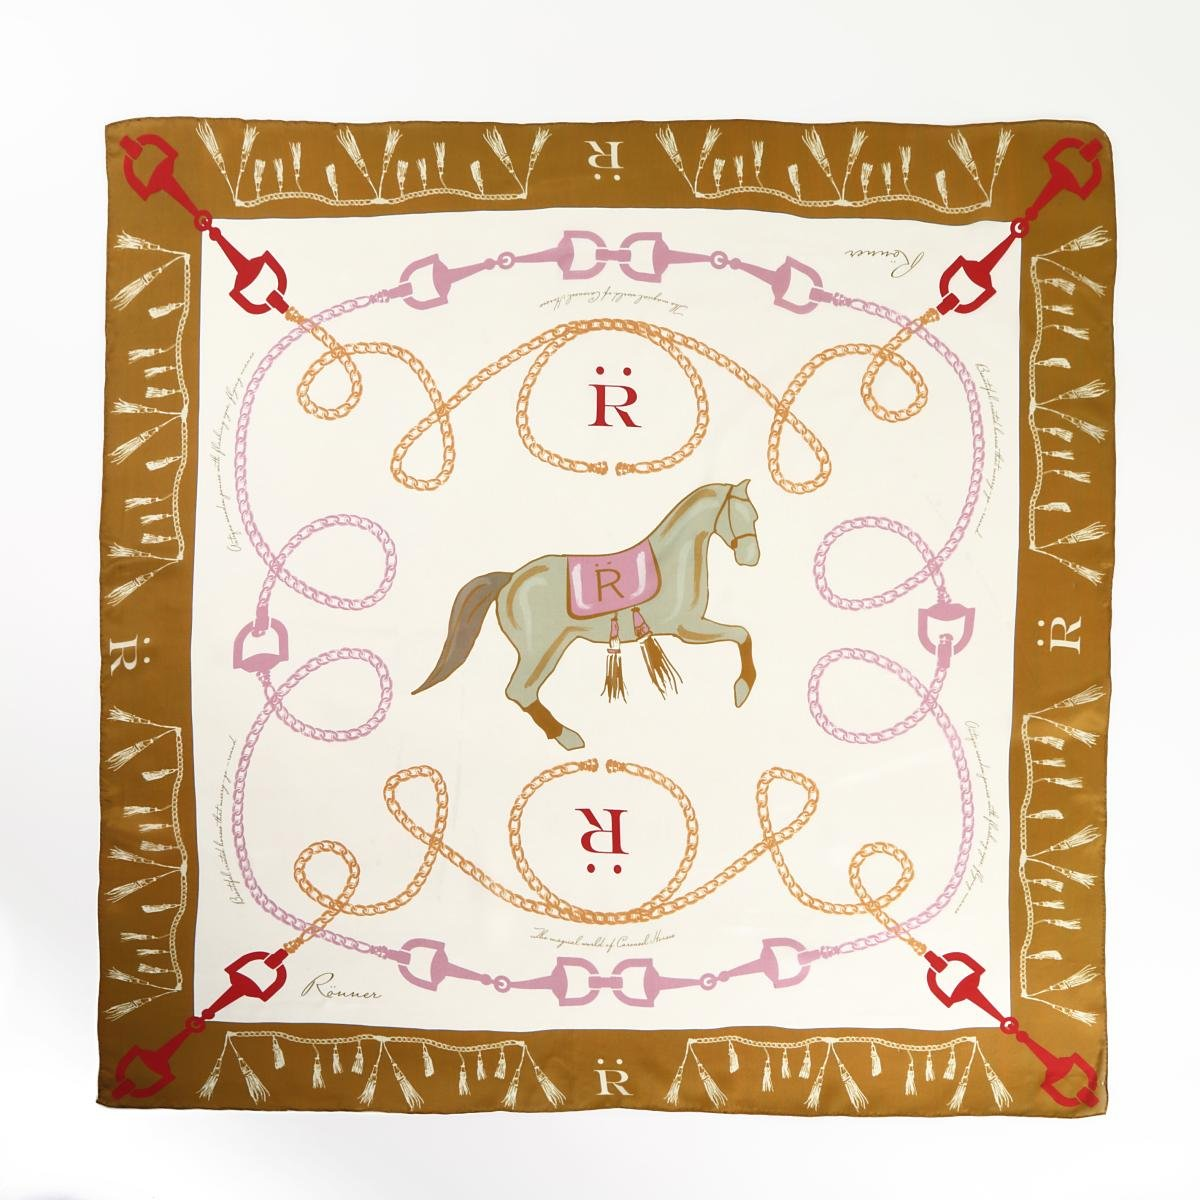 乗馬用品 RONNER カルーセル シルク スカーフ ゴールデンカーキ 乗馬 馬具